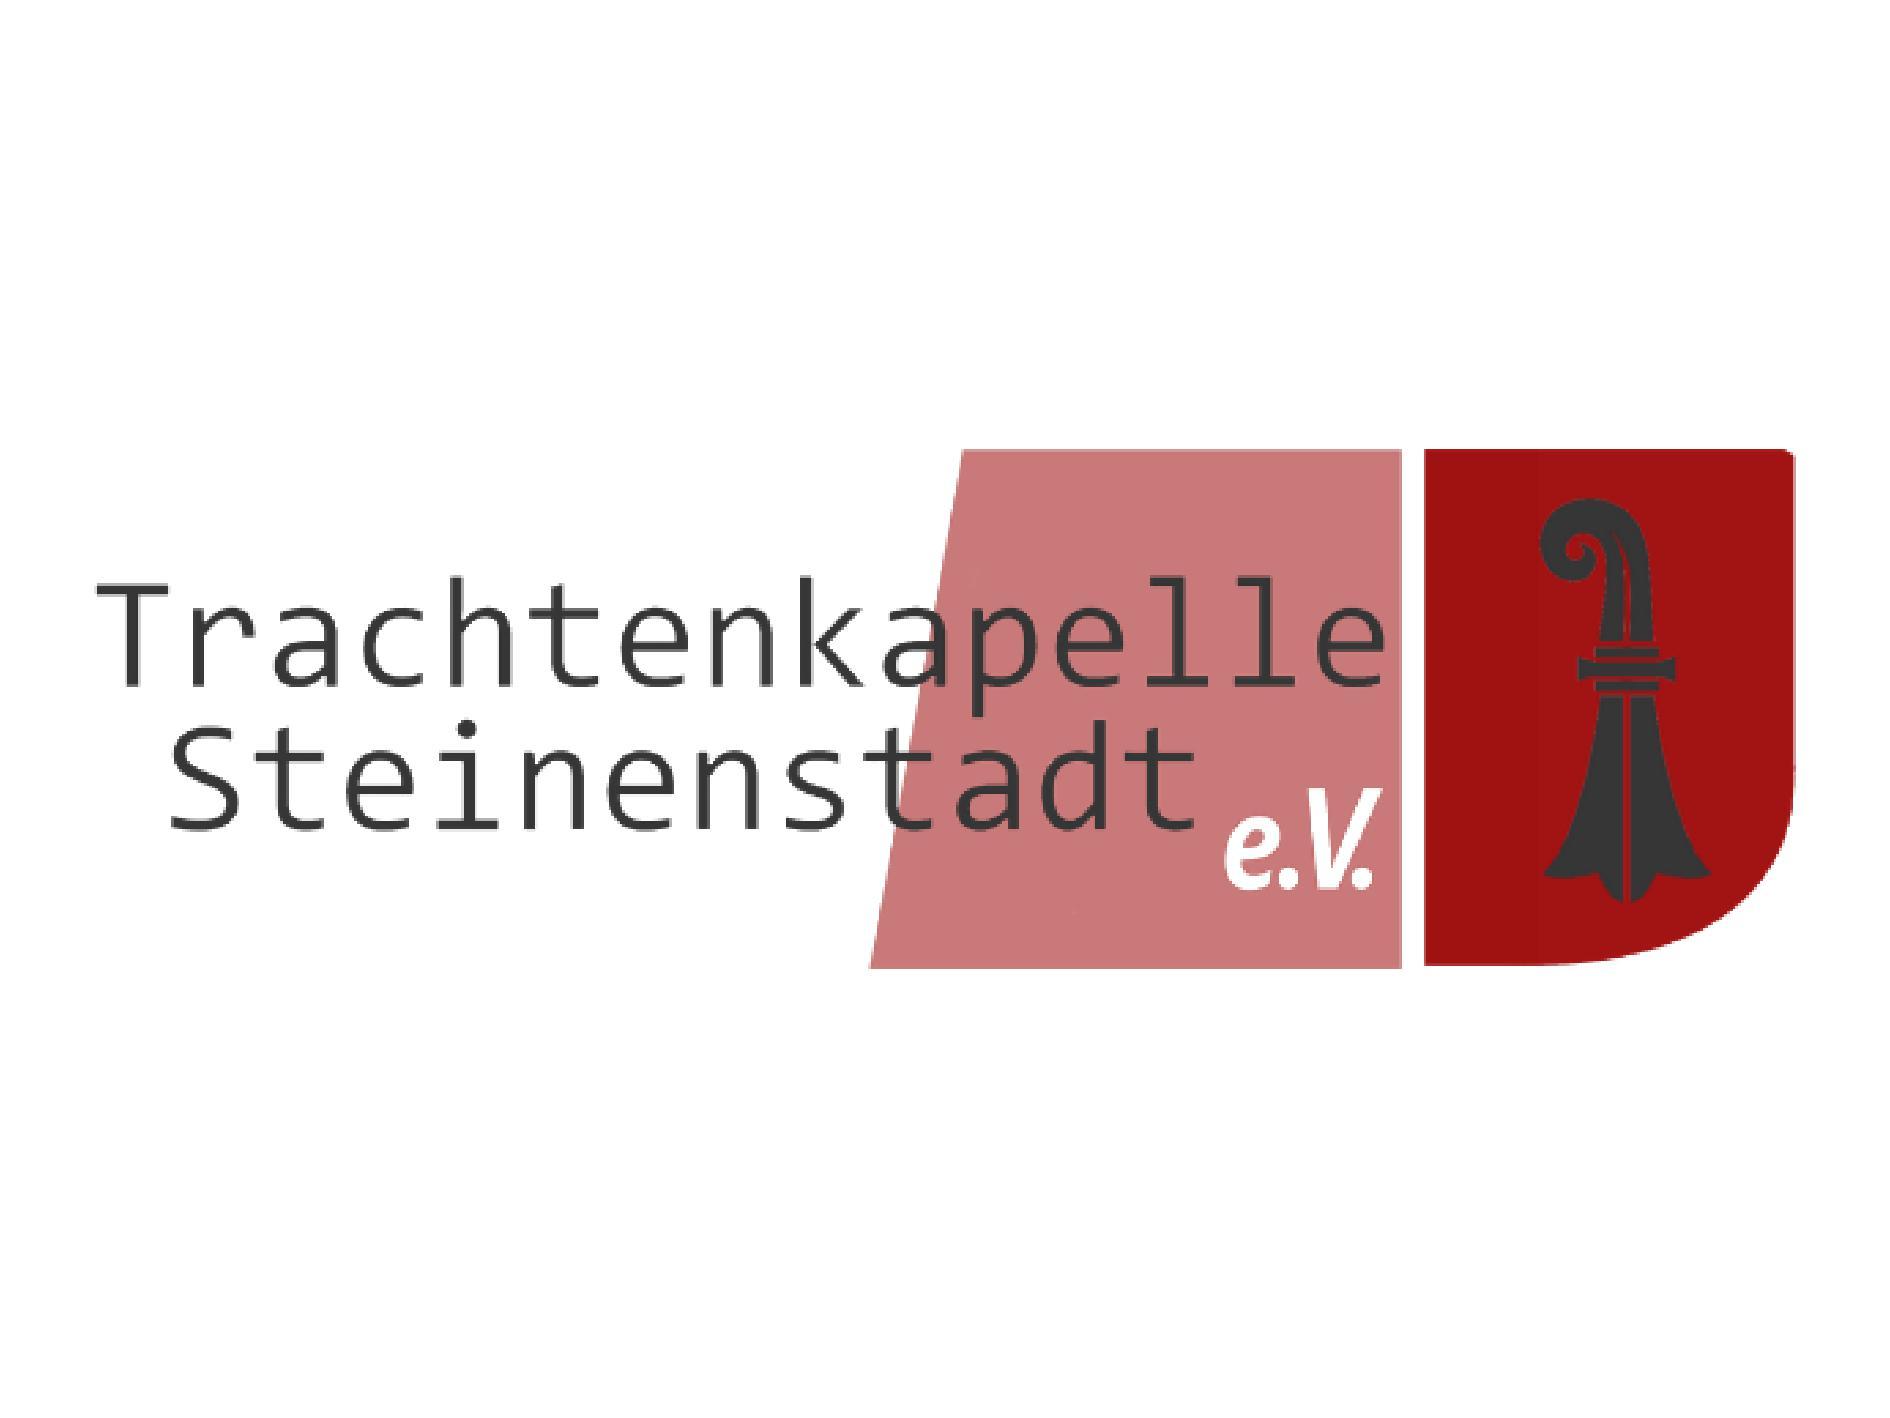 Trachtenkapelle Steinenstadt